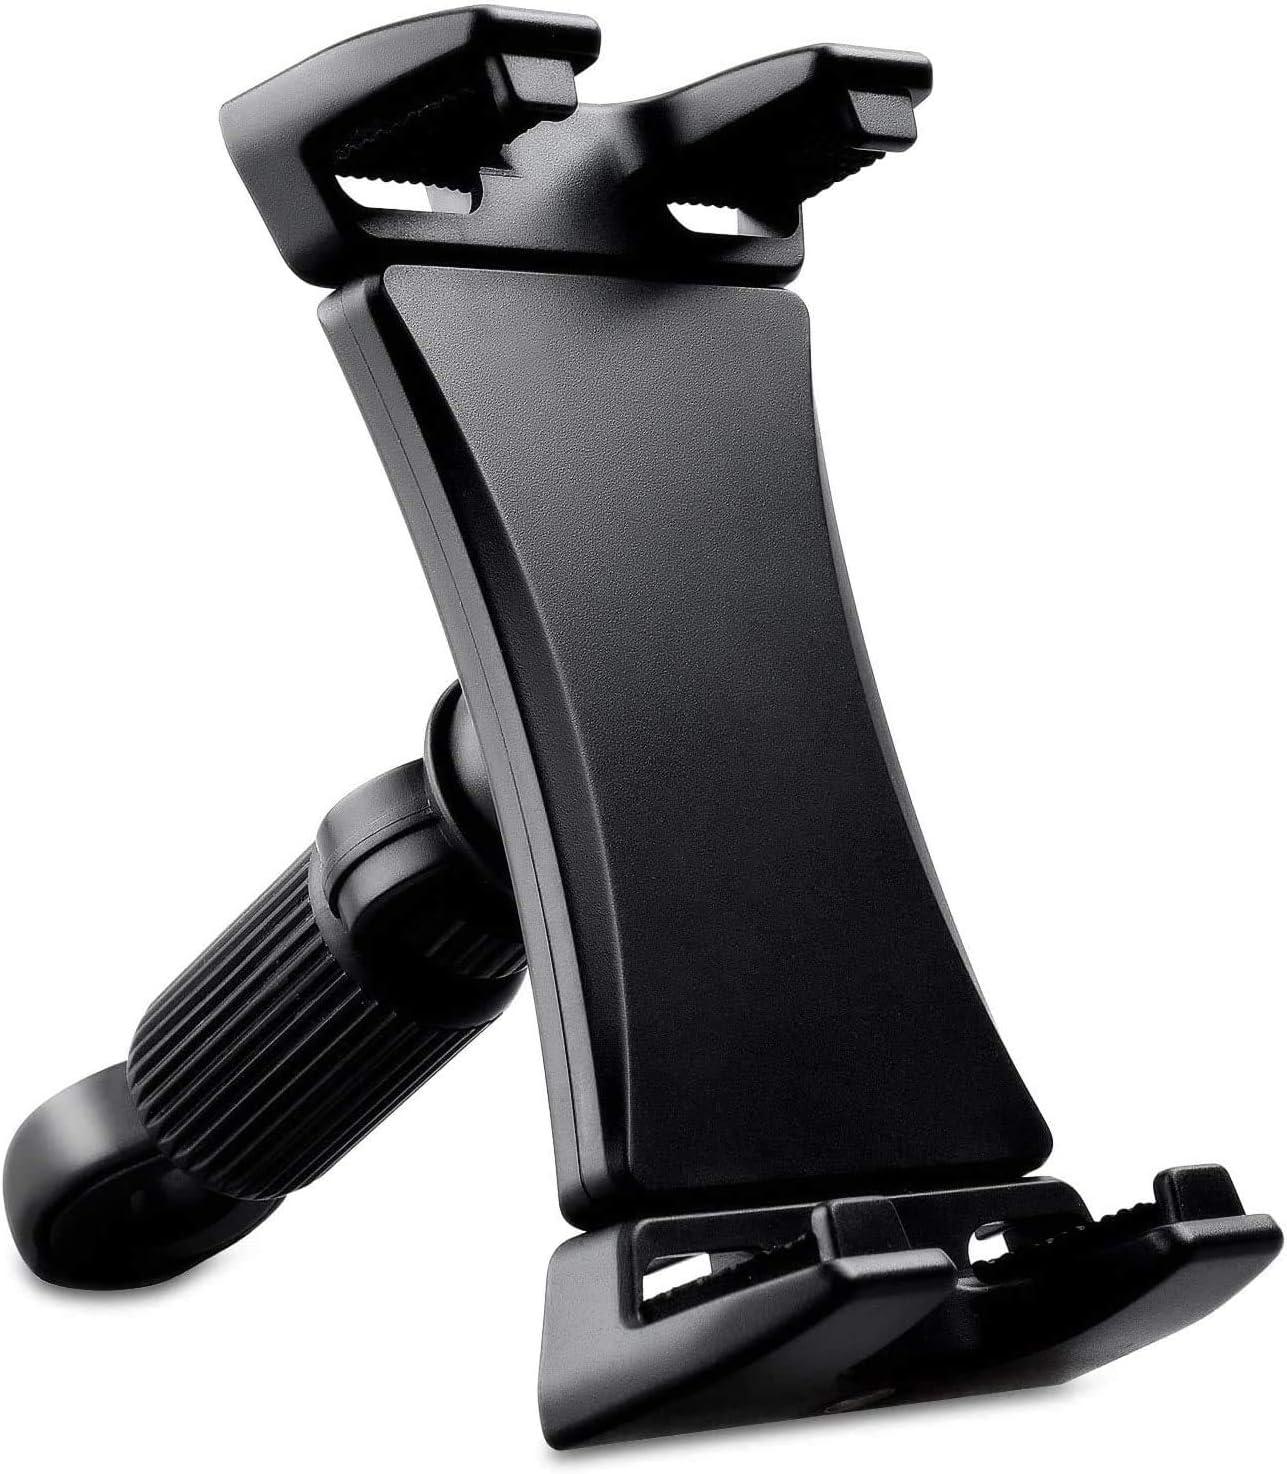 Soporte de bicicleta estática para tablet,Soporte 360° ajustable para iPad Pro,Soporte Universal Reposacabezas de Coche para Móviles y Tabletas